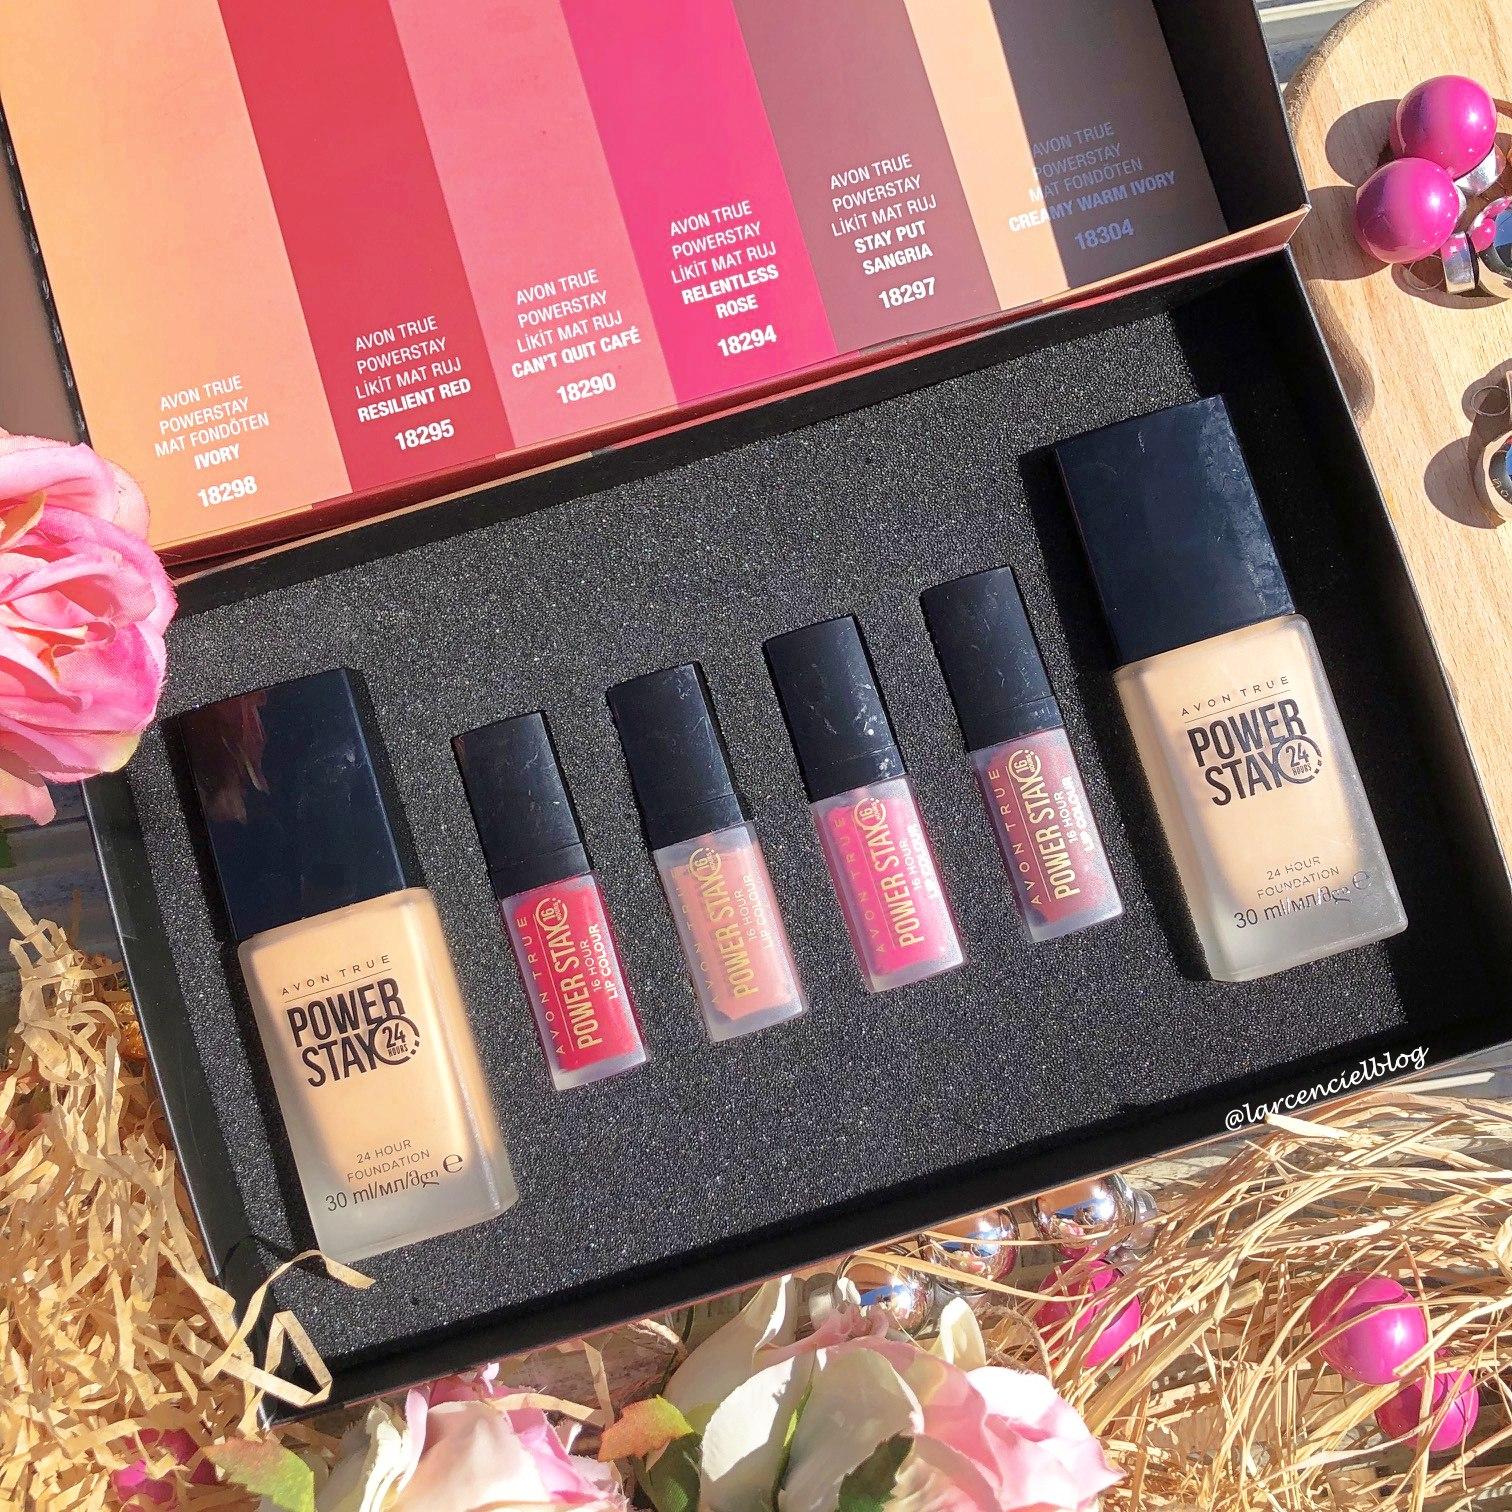 Avon True Power Stay 16 Hour Lip Colour - Relentless Rose